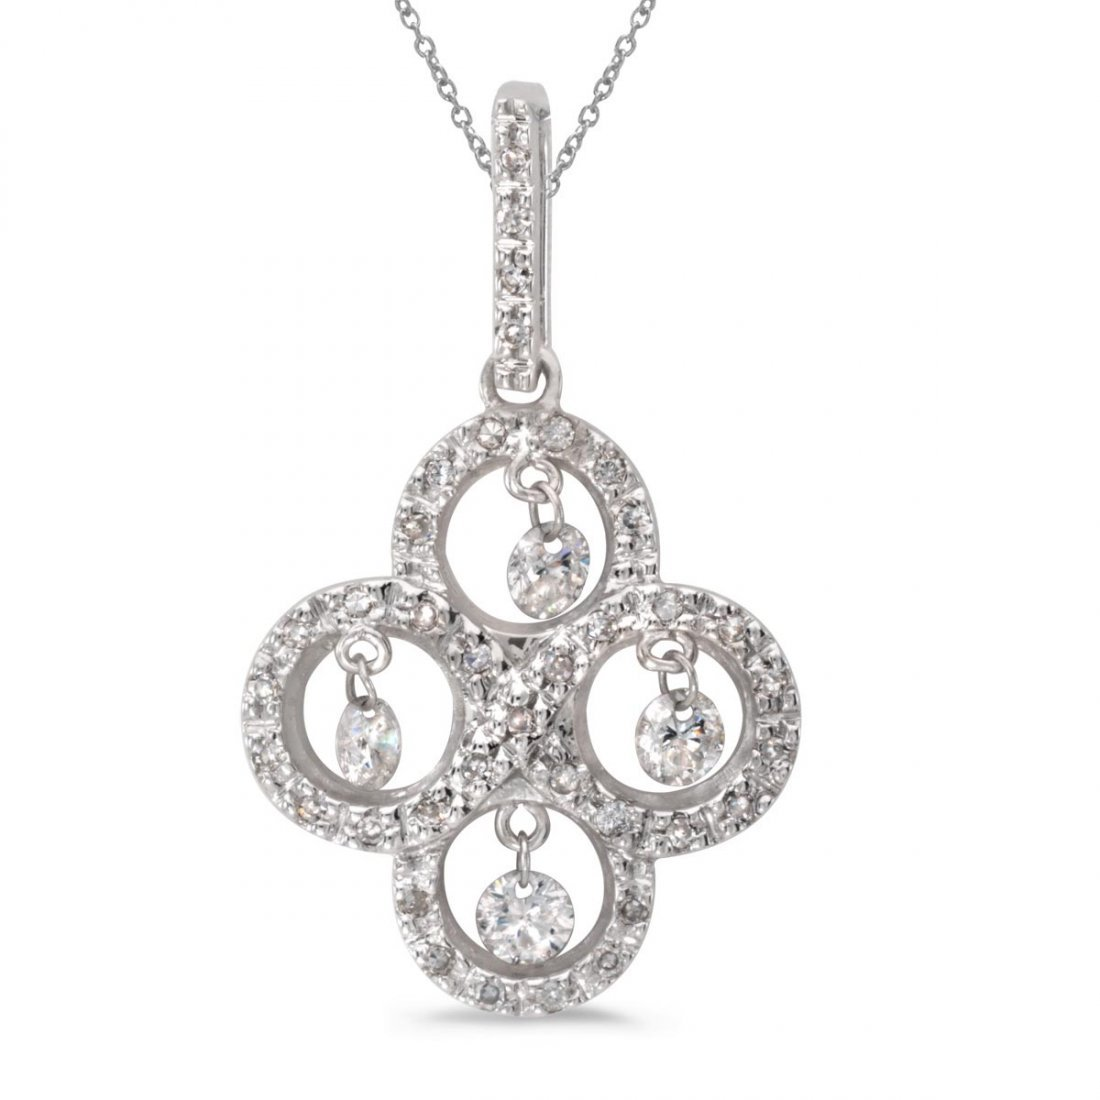 Certified 14K White Gold Dashing Diamonds Pendant 0.43